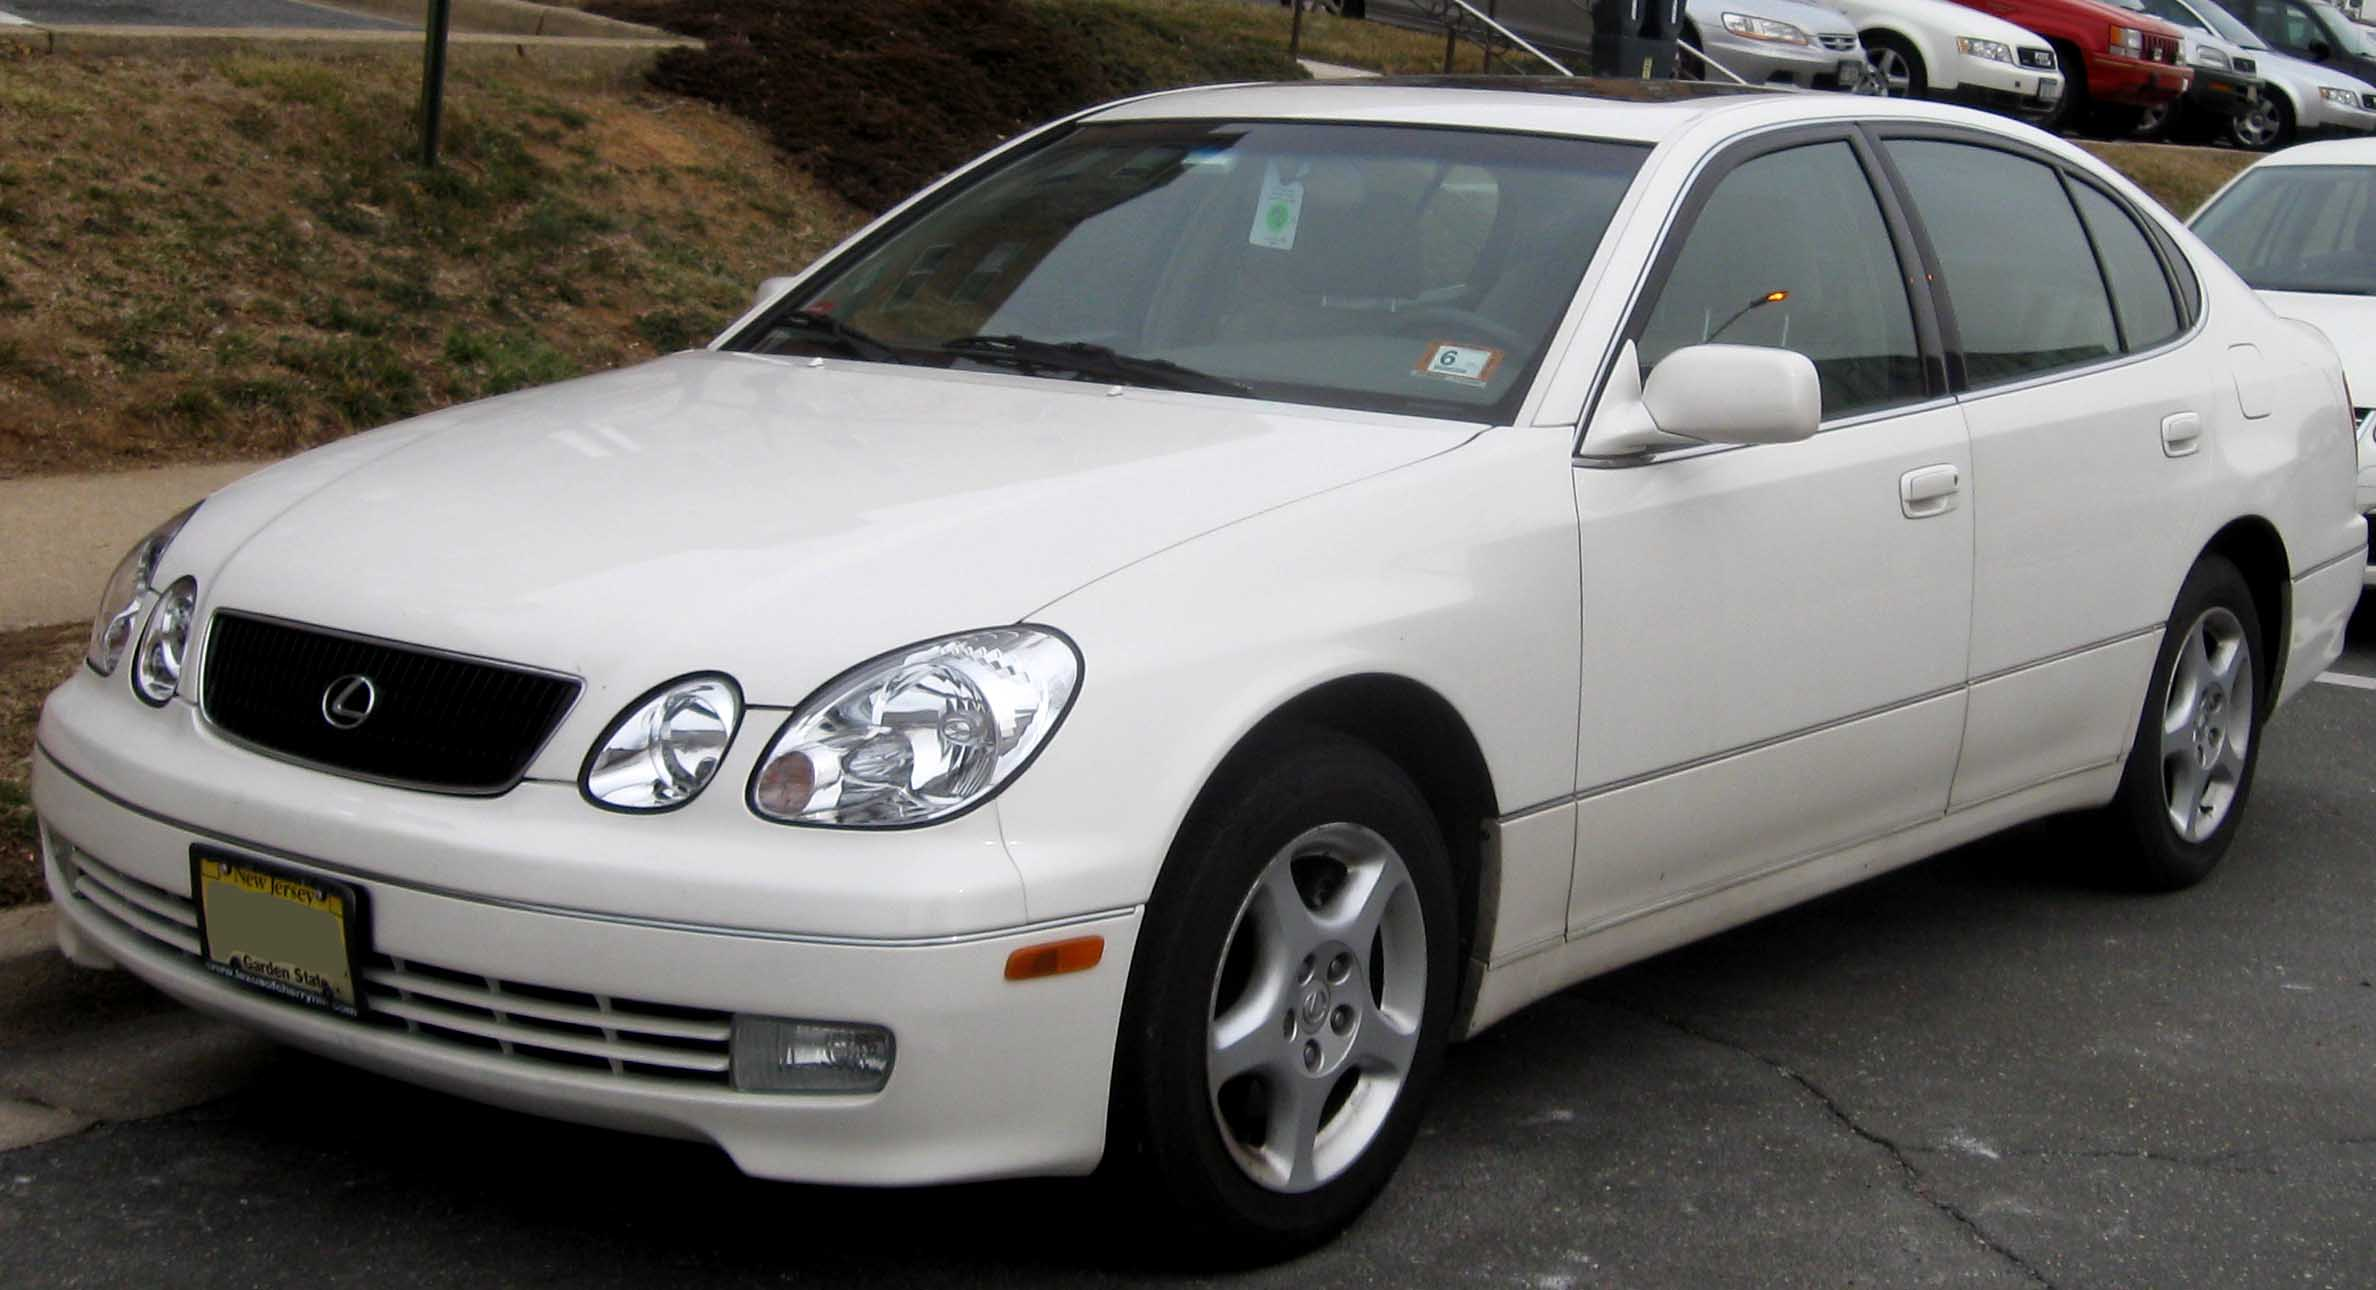 2004 Lexus Gs 300 Image 10